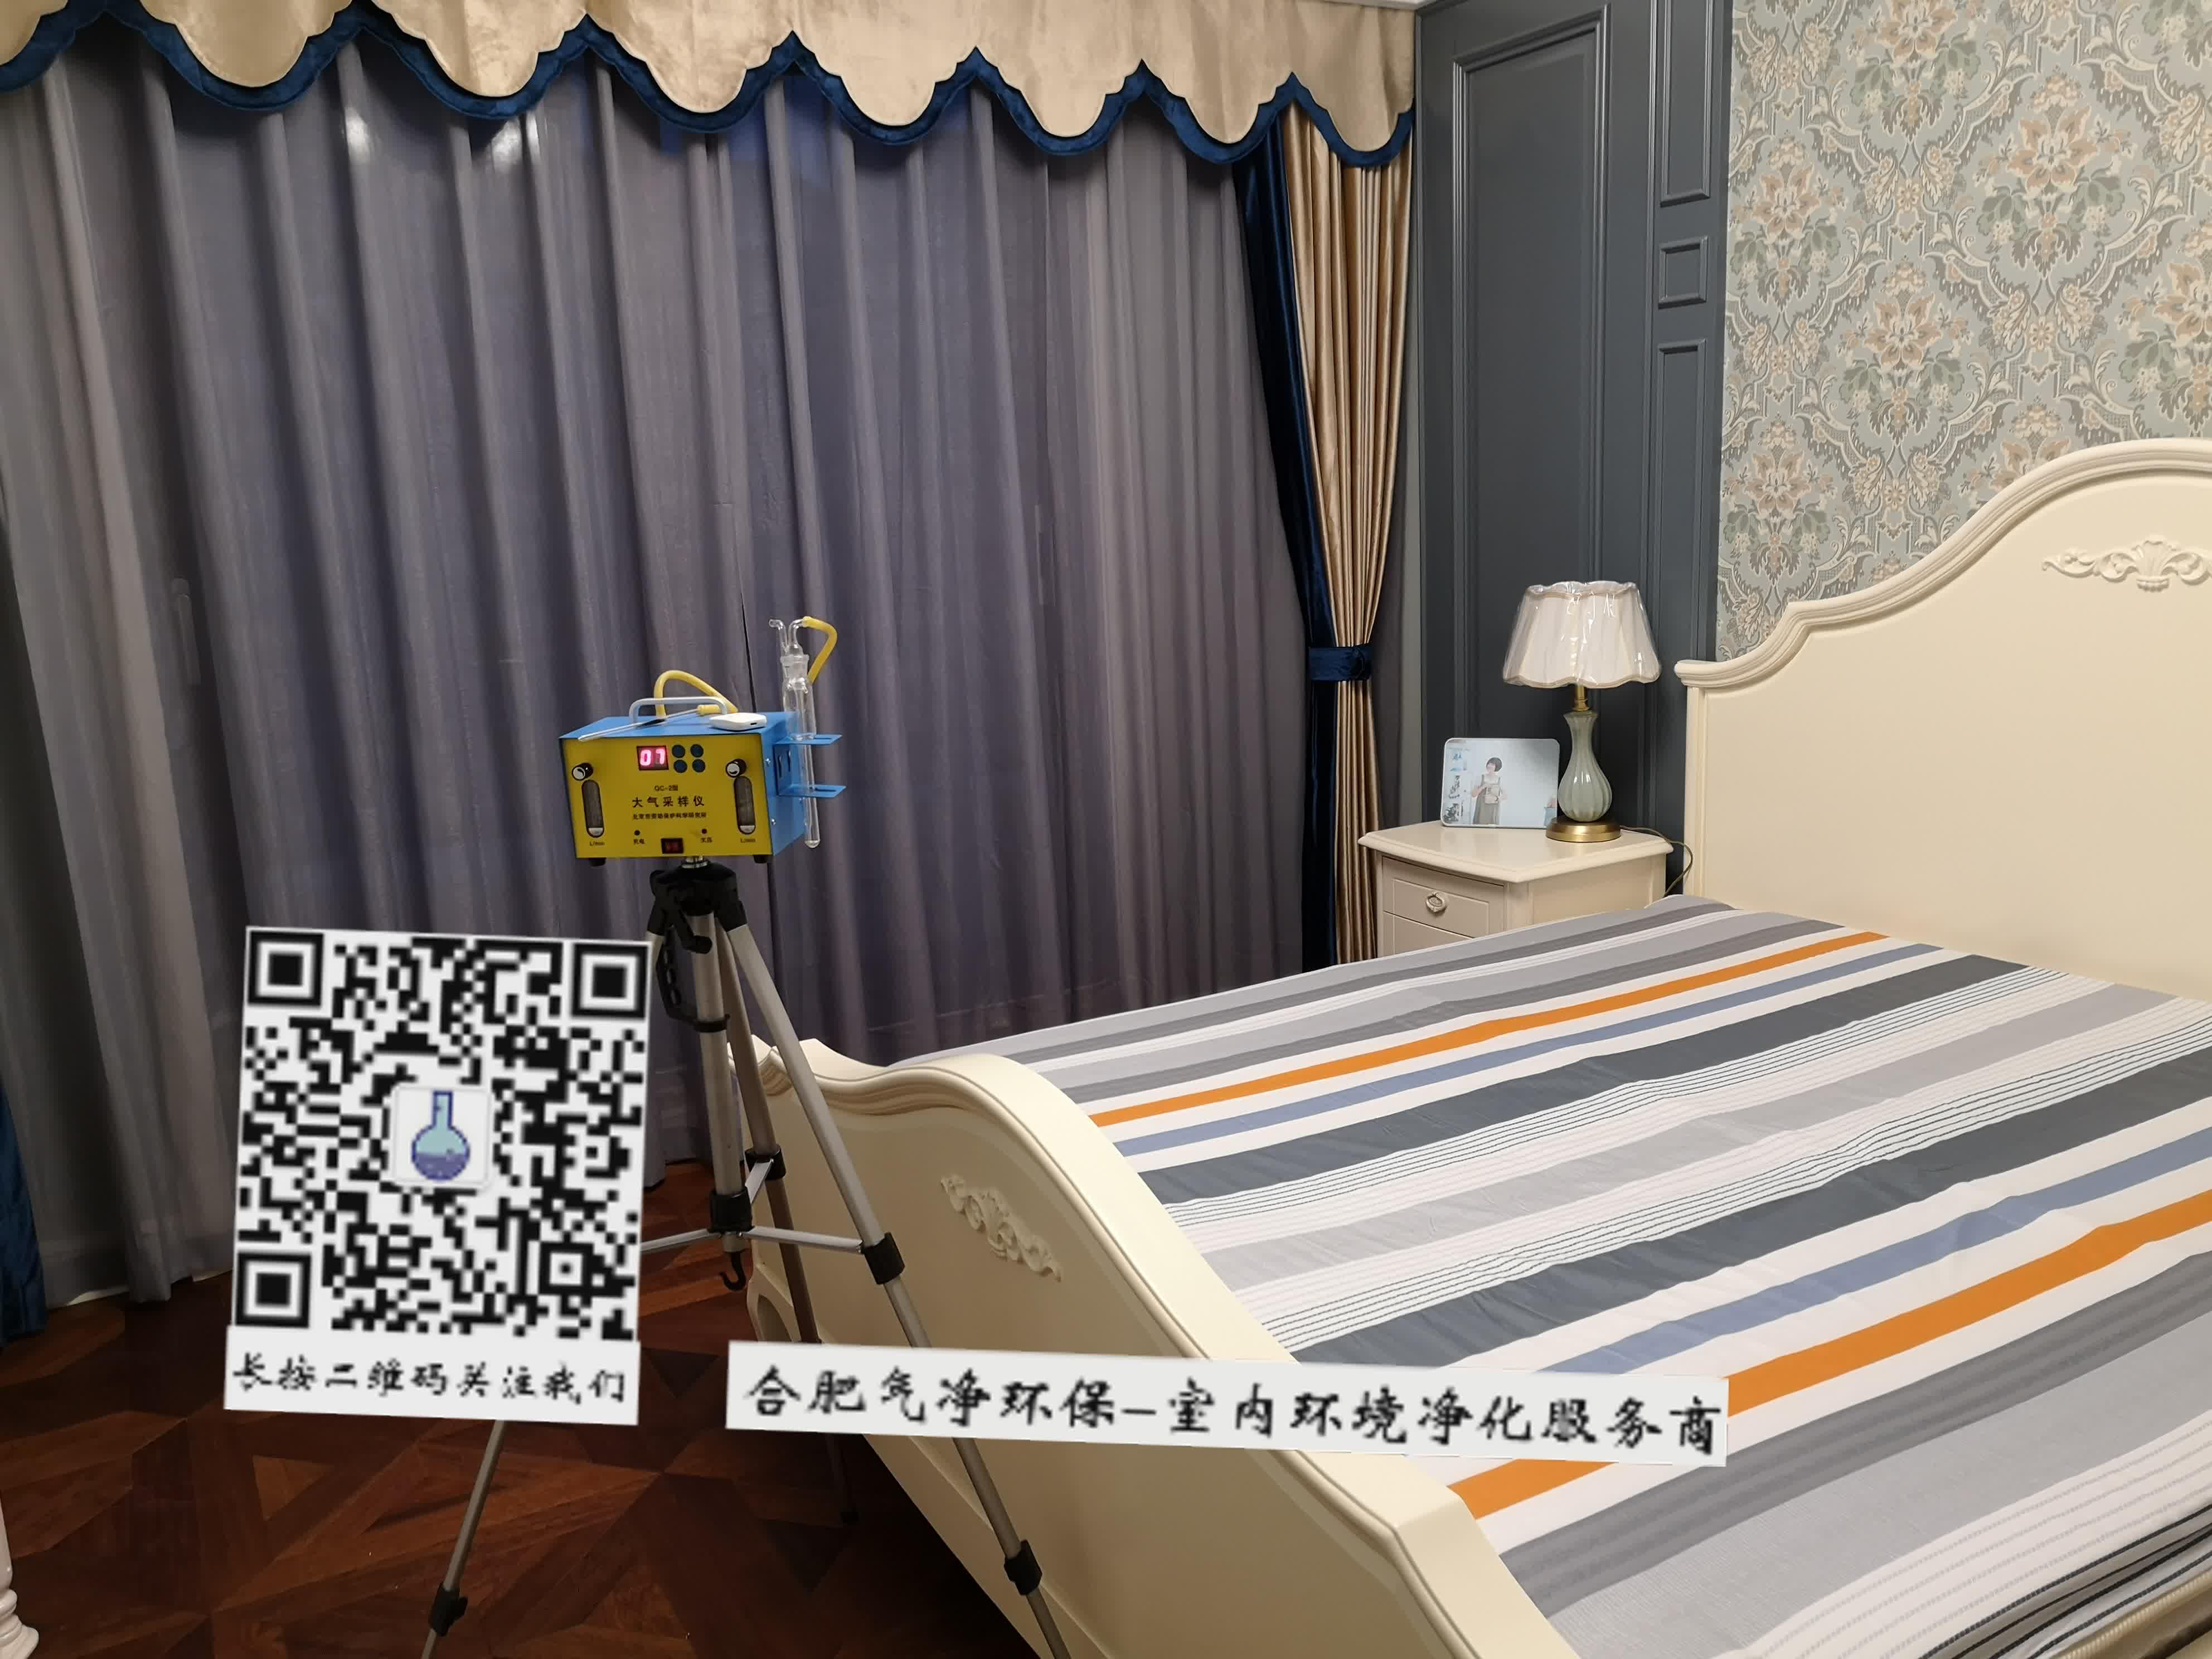 水印图片by水印王_20181013-182548953